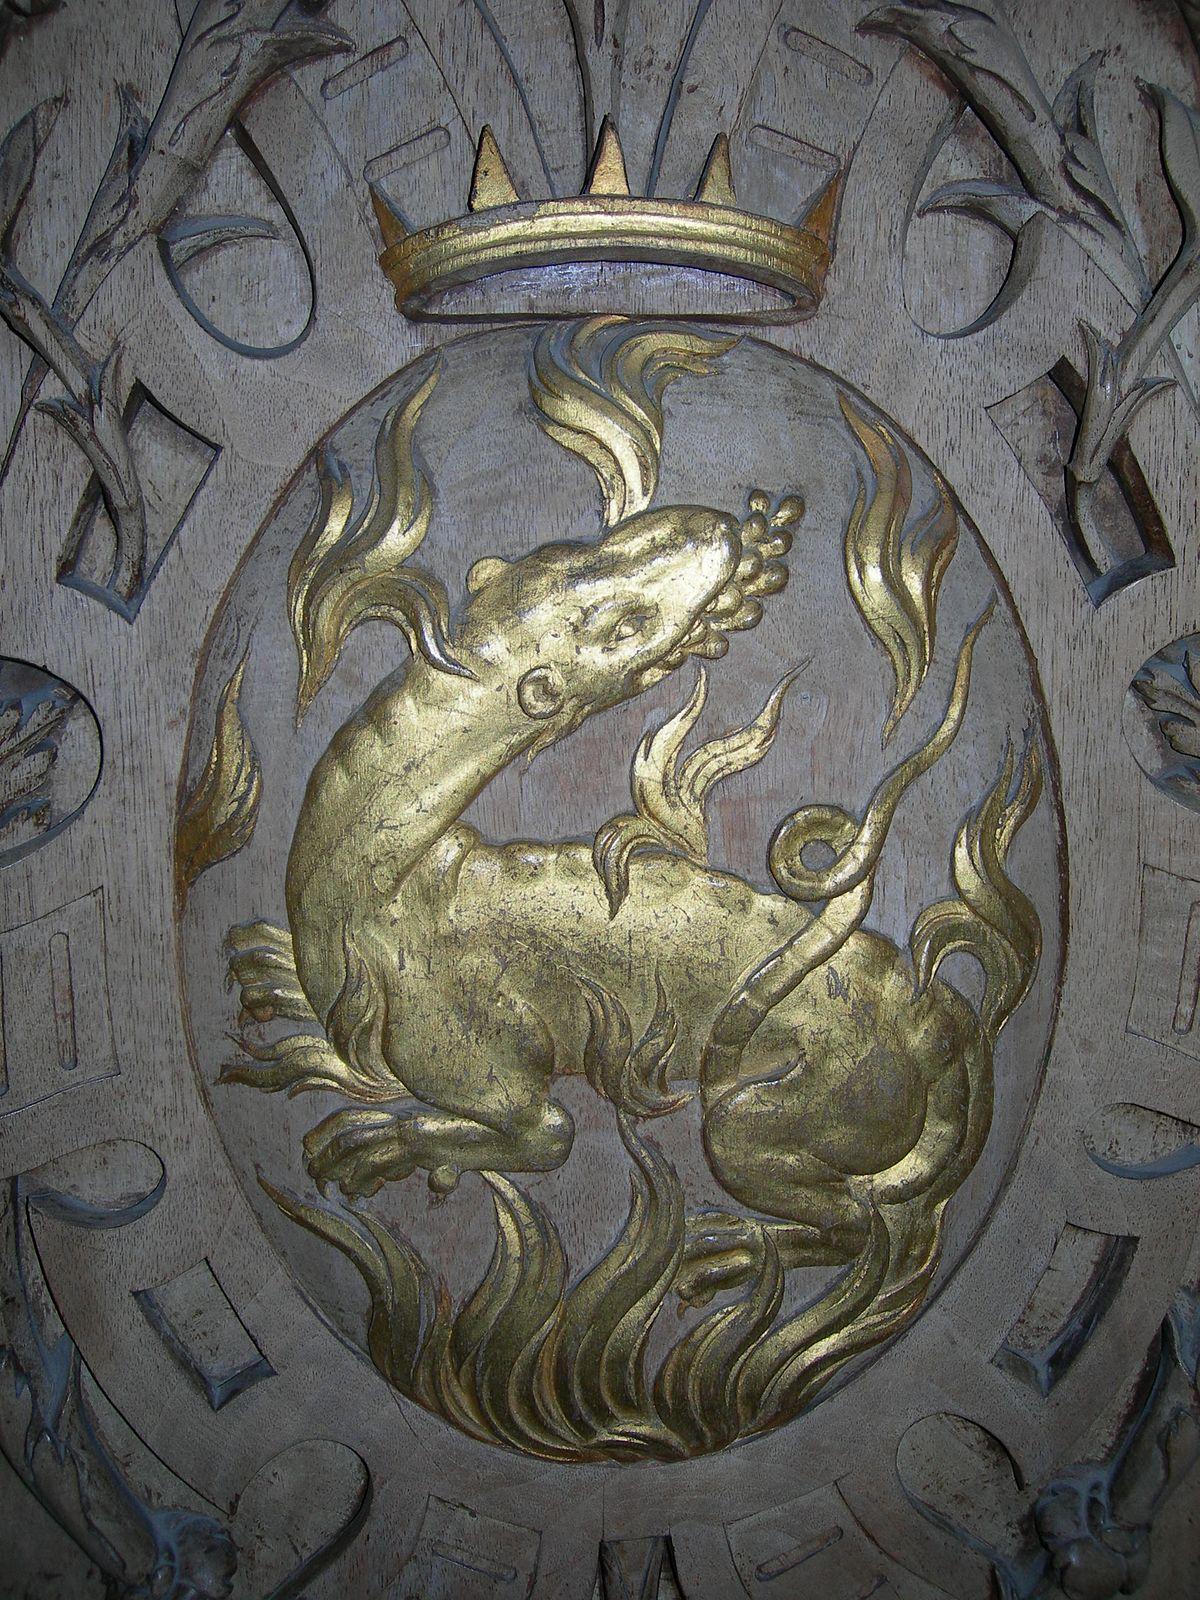 Salamandre galerie françois premier chateau fontainebleau